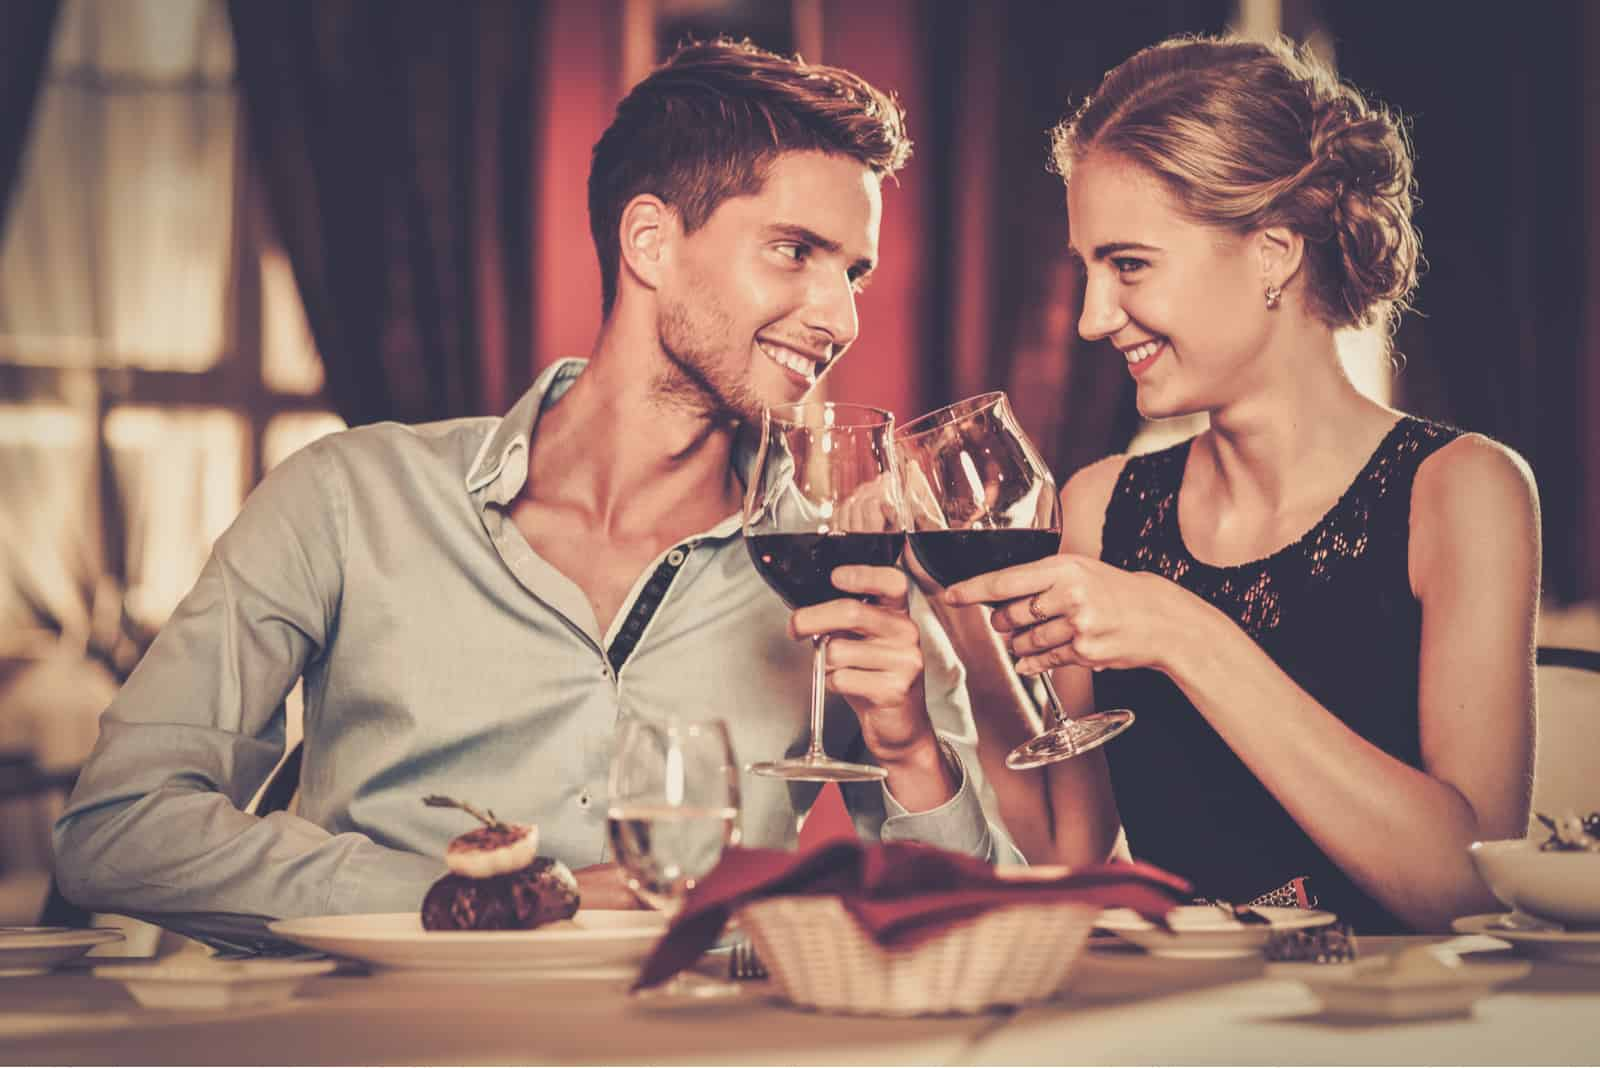 un homme et une femme trinquent avec du vin